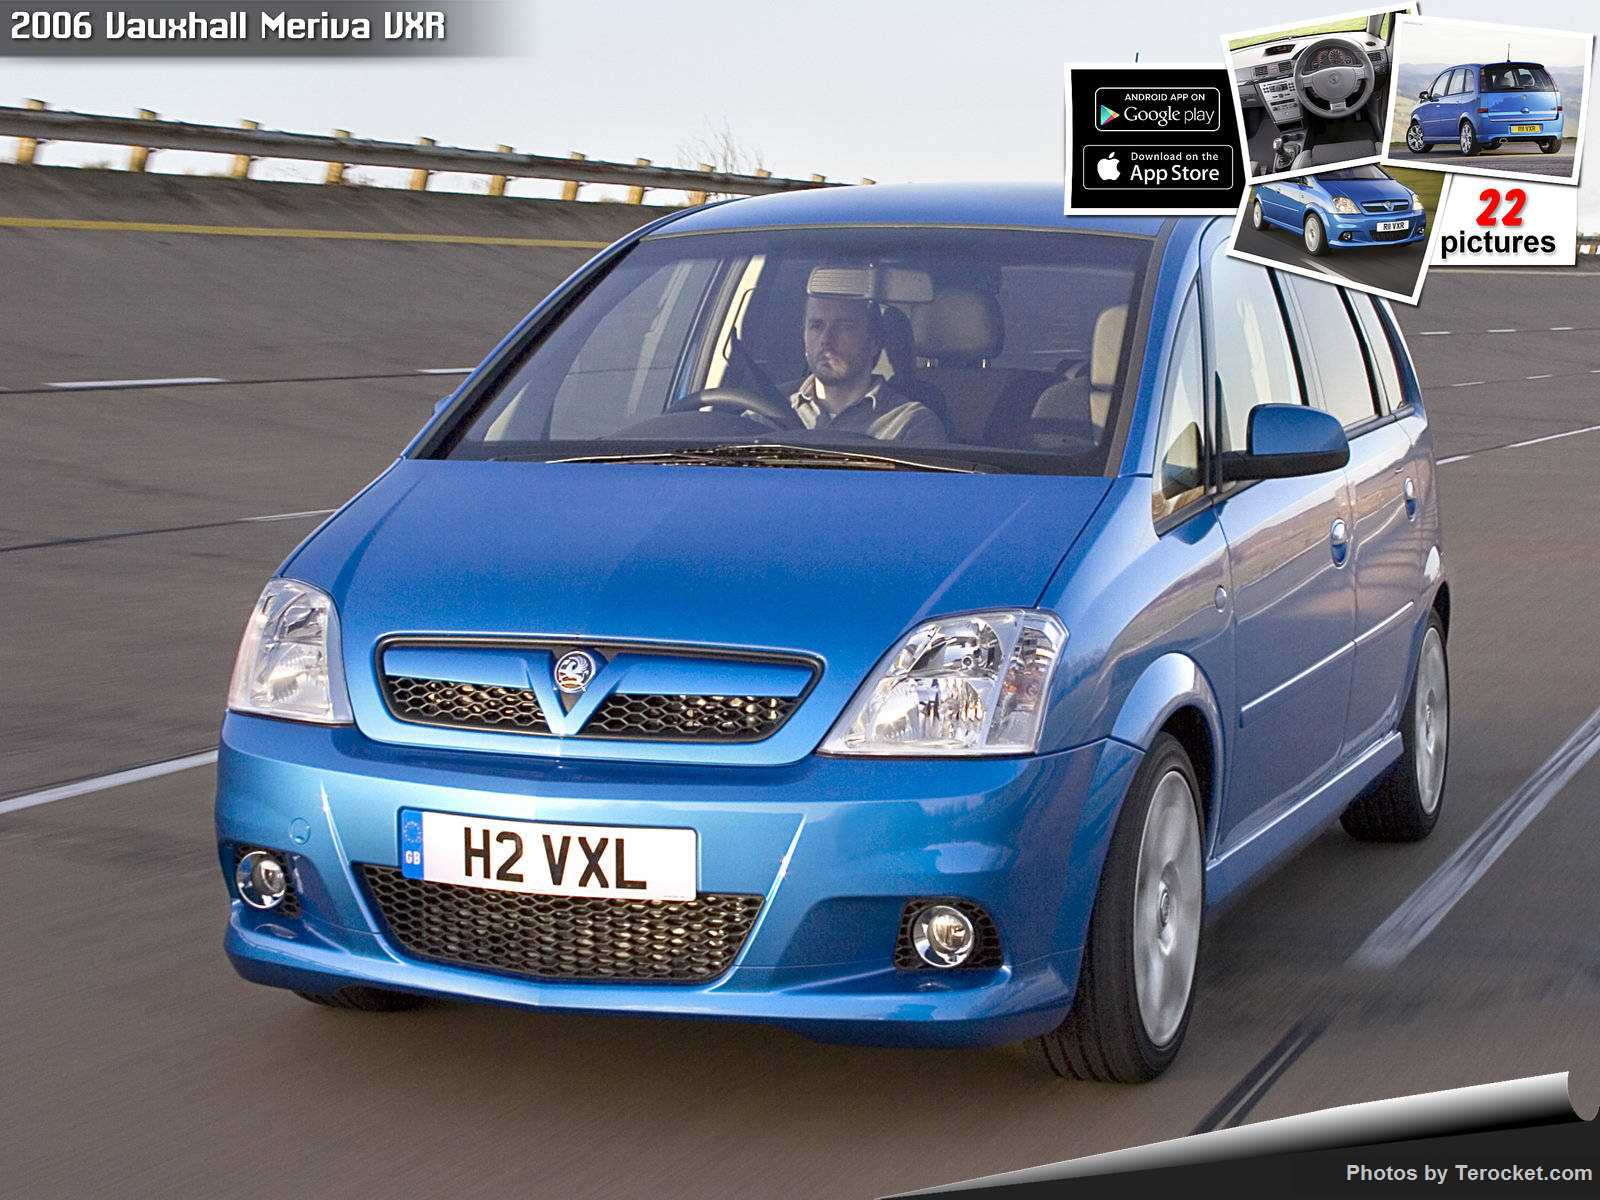 Hình ảnh xe ô tô Vauxhall Meriva VXR 2006 & nội ngoại thất